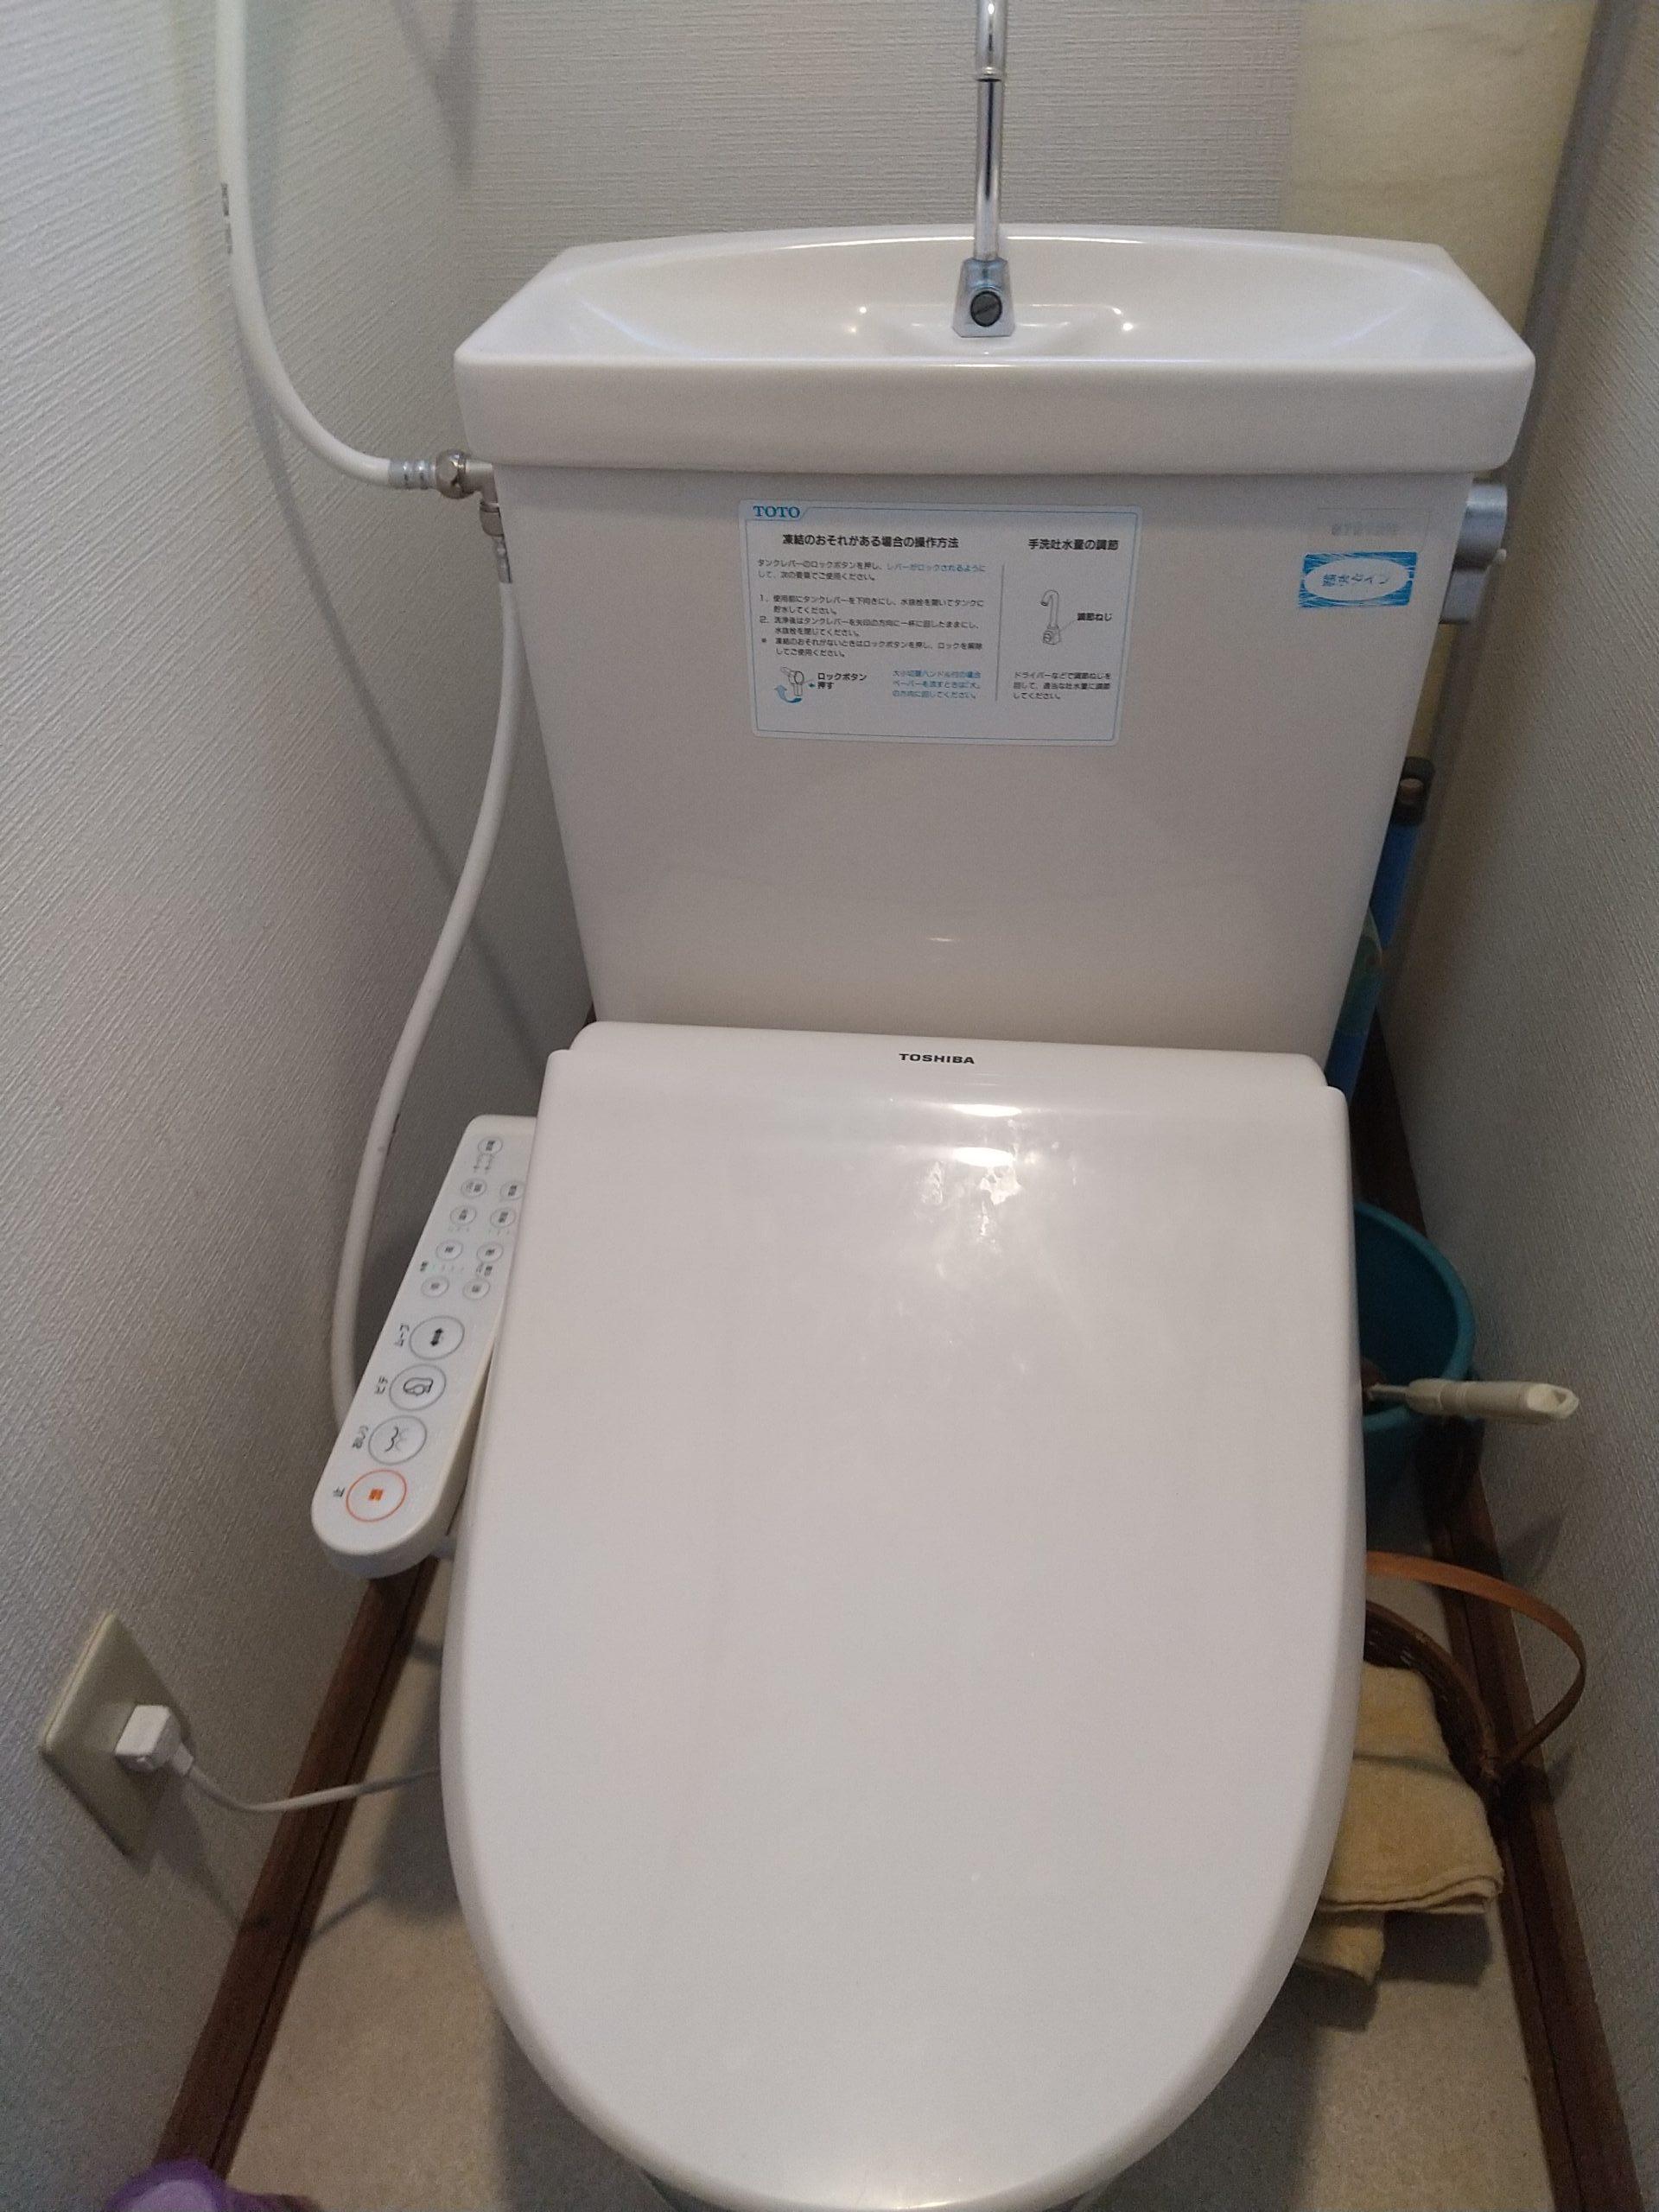 TOTOトイレTS721水漏れ修理